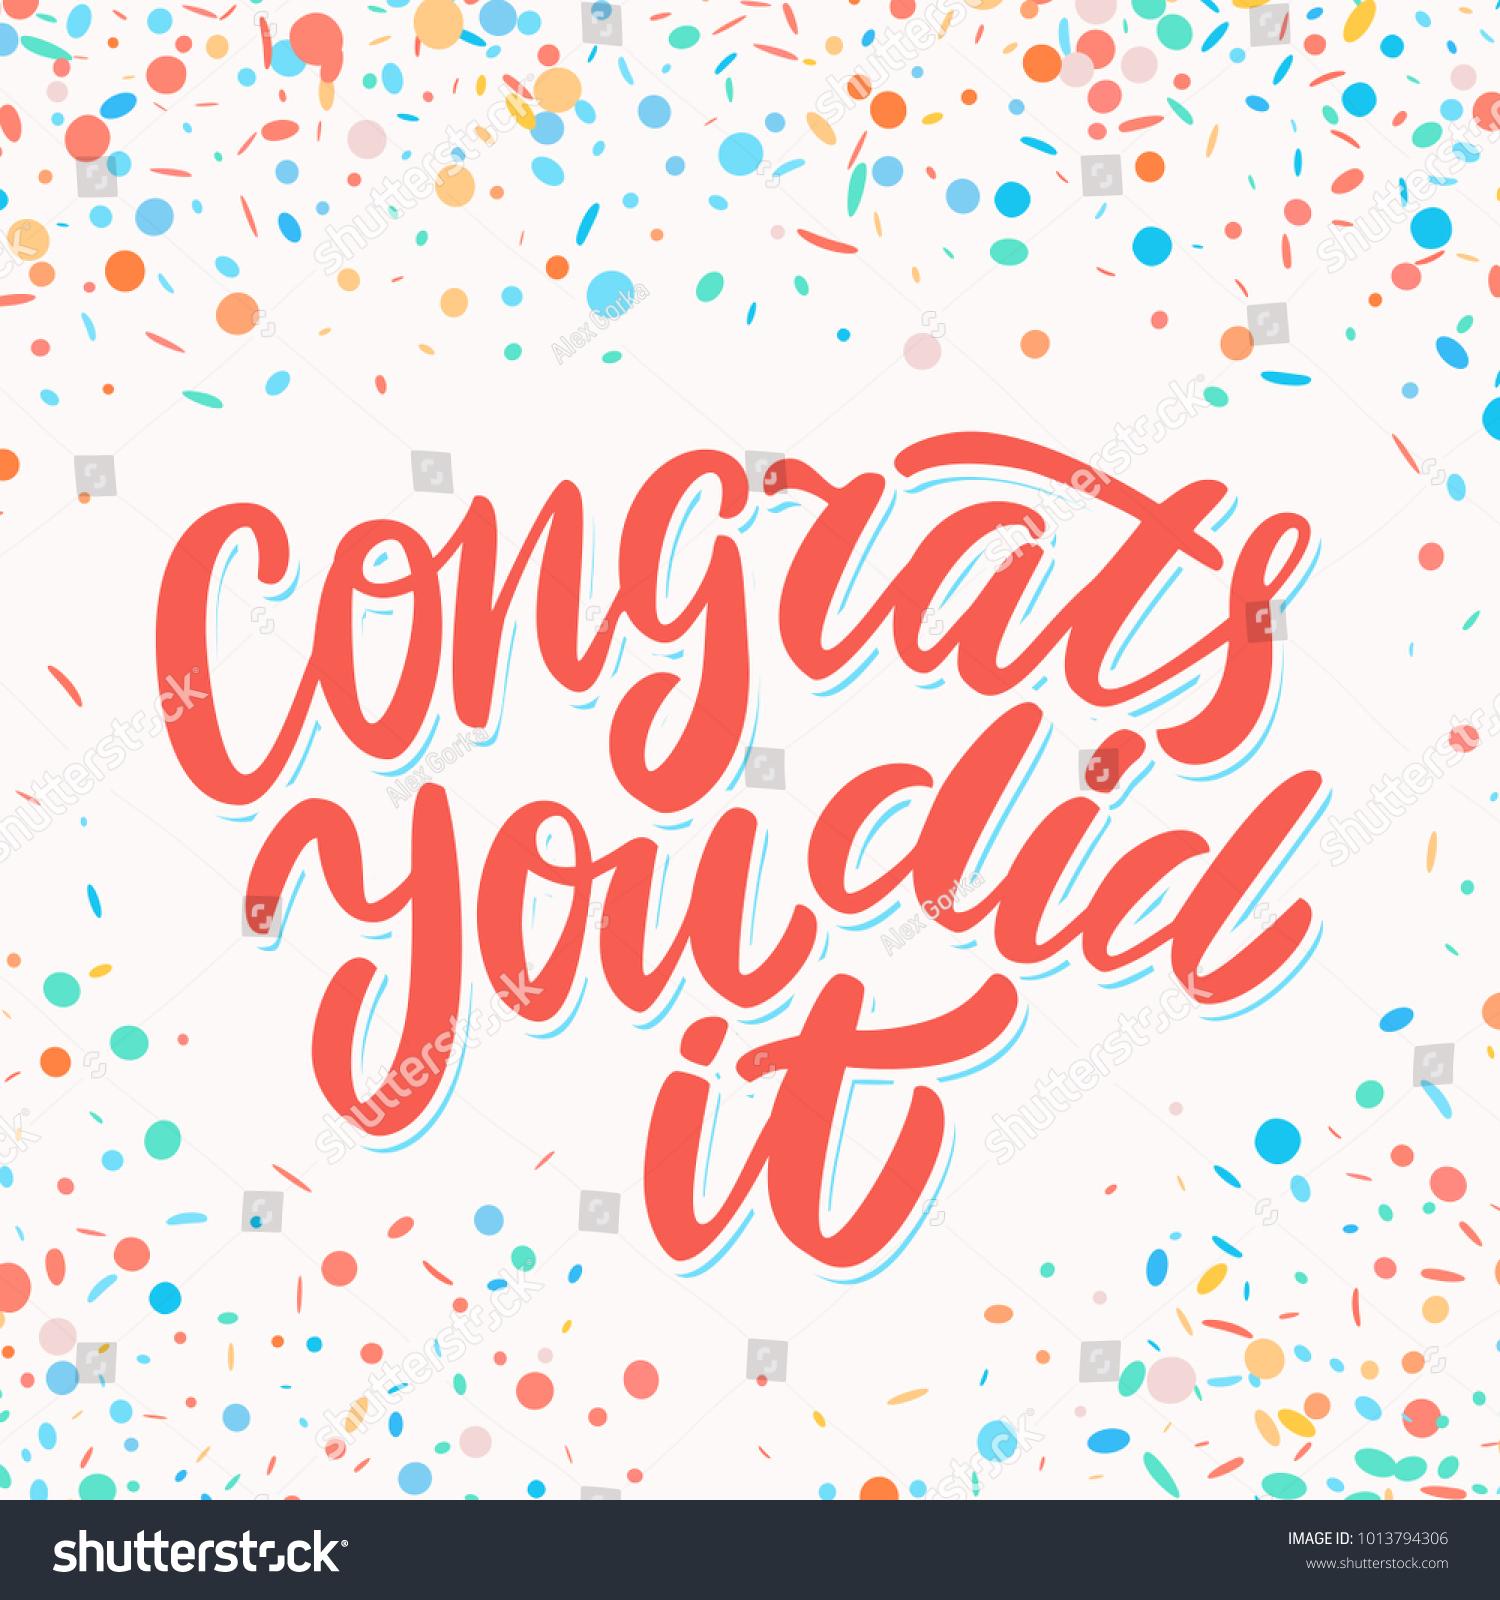 congrats you did it congratulations sign のベクター画像素材